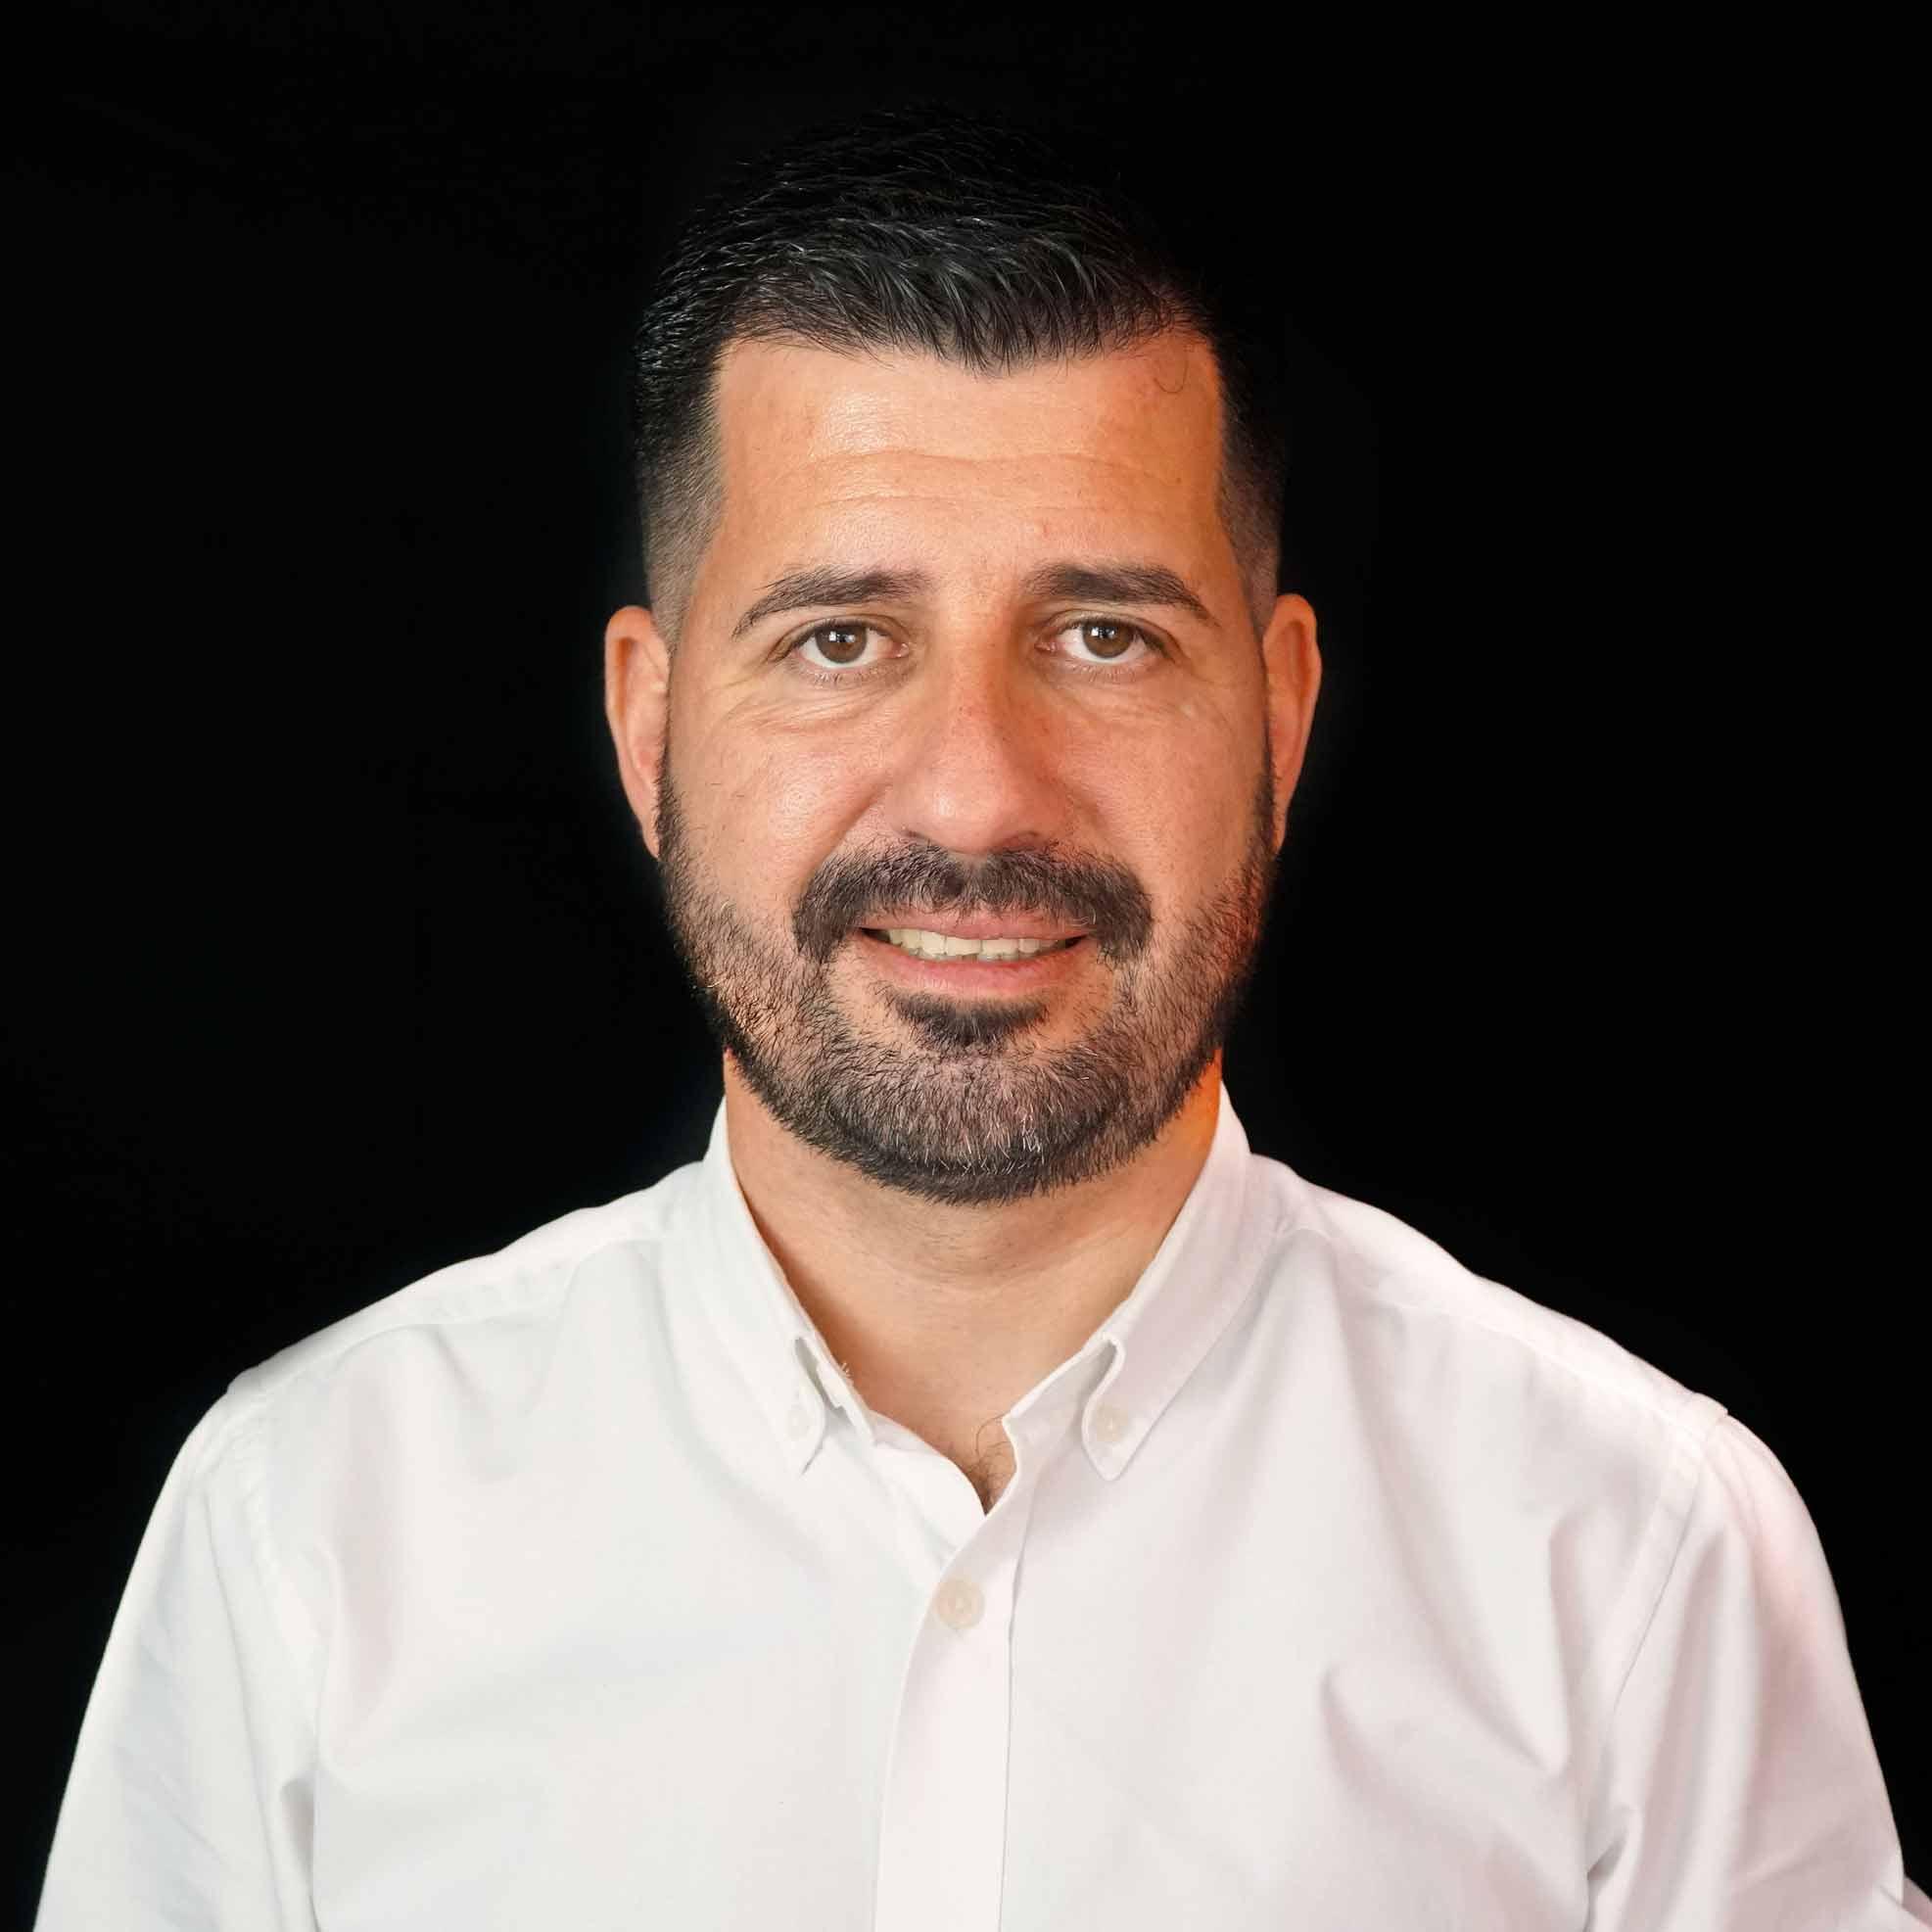 Alberto-Fernandez-del-Amo